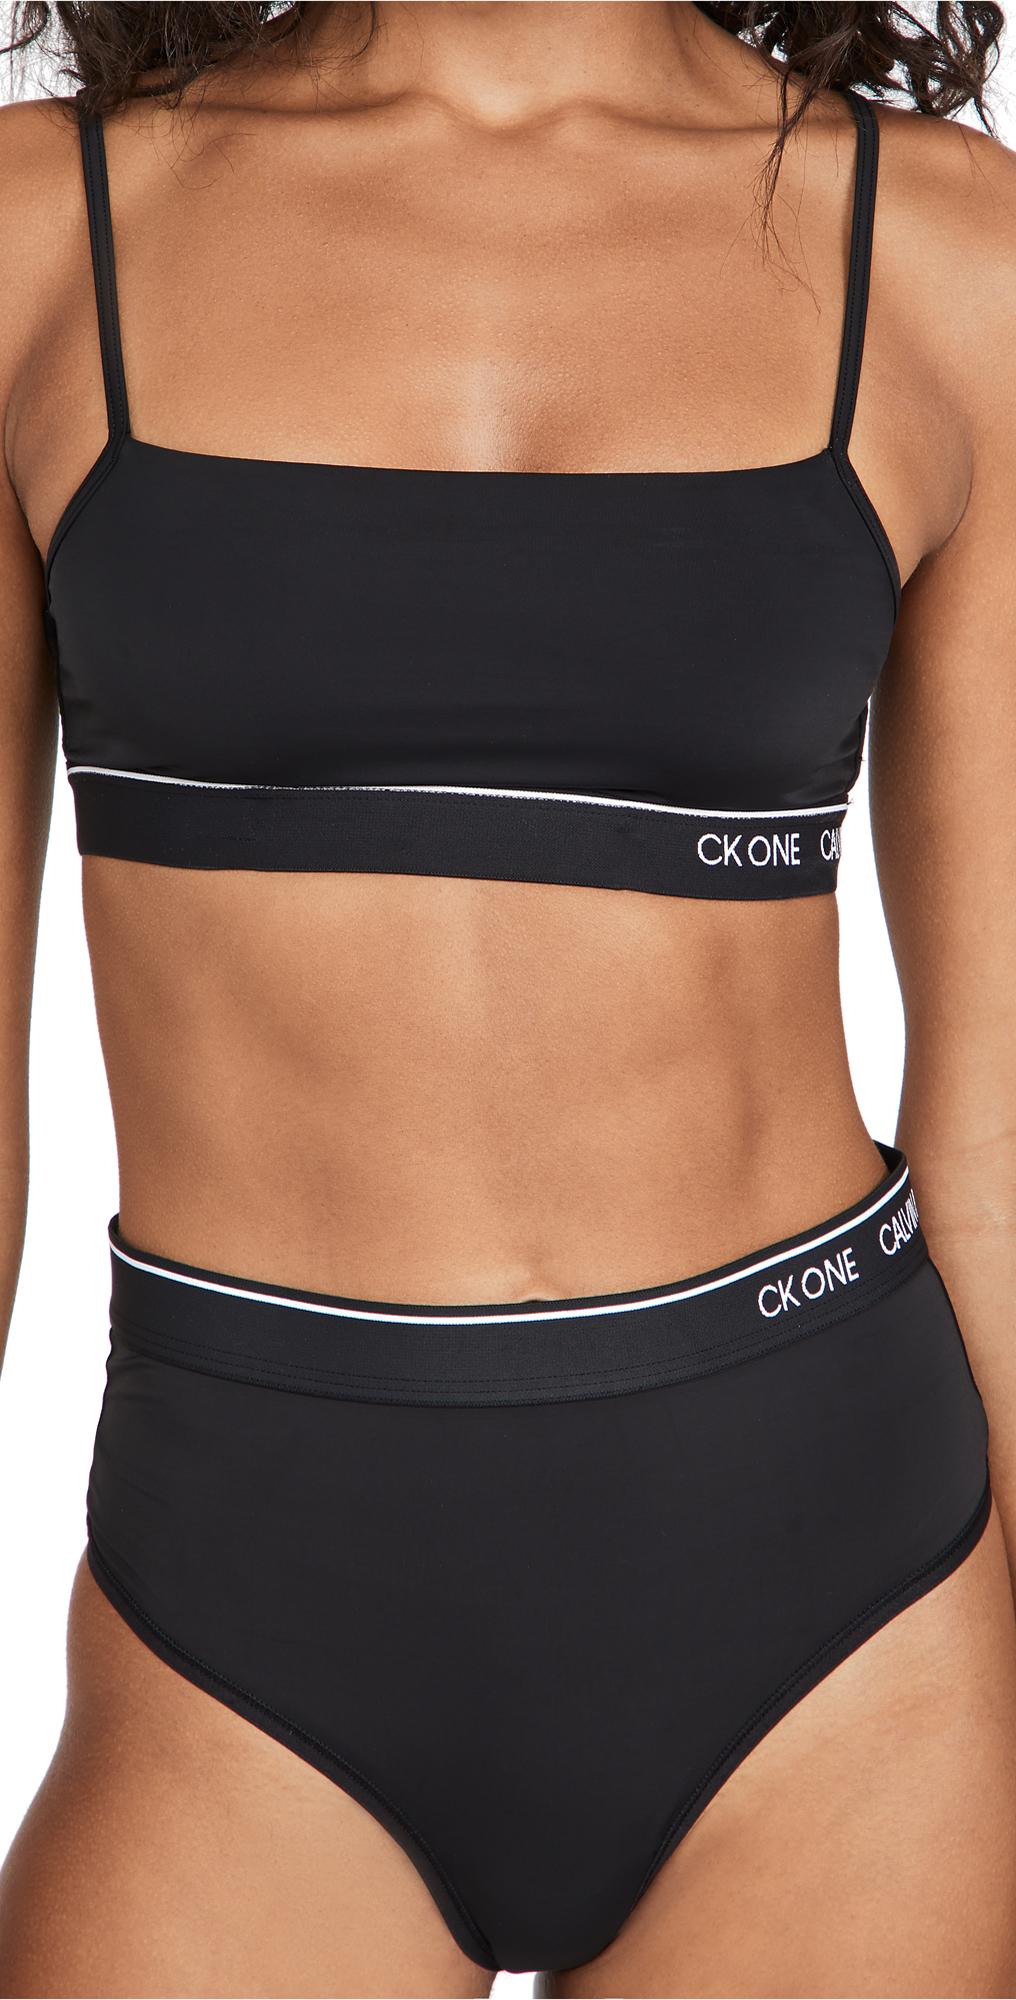 Calvin Klein Underwear Ck One Micro Unlined Bralette In Black003